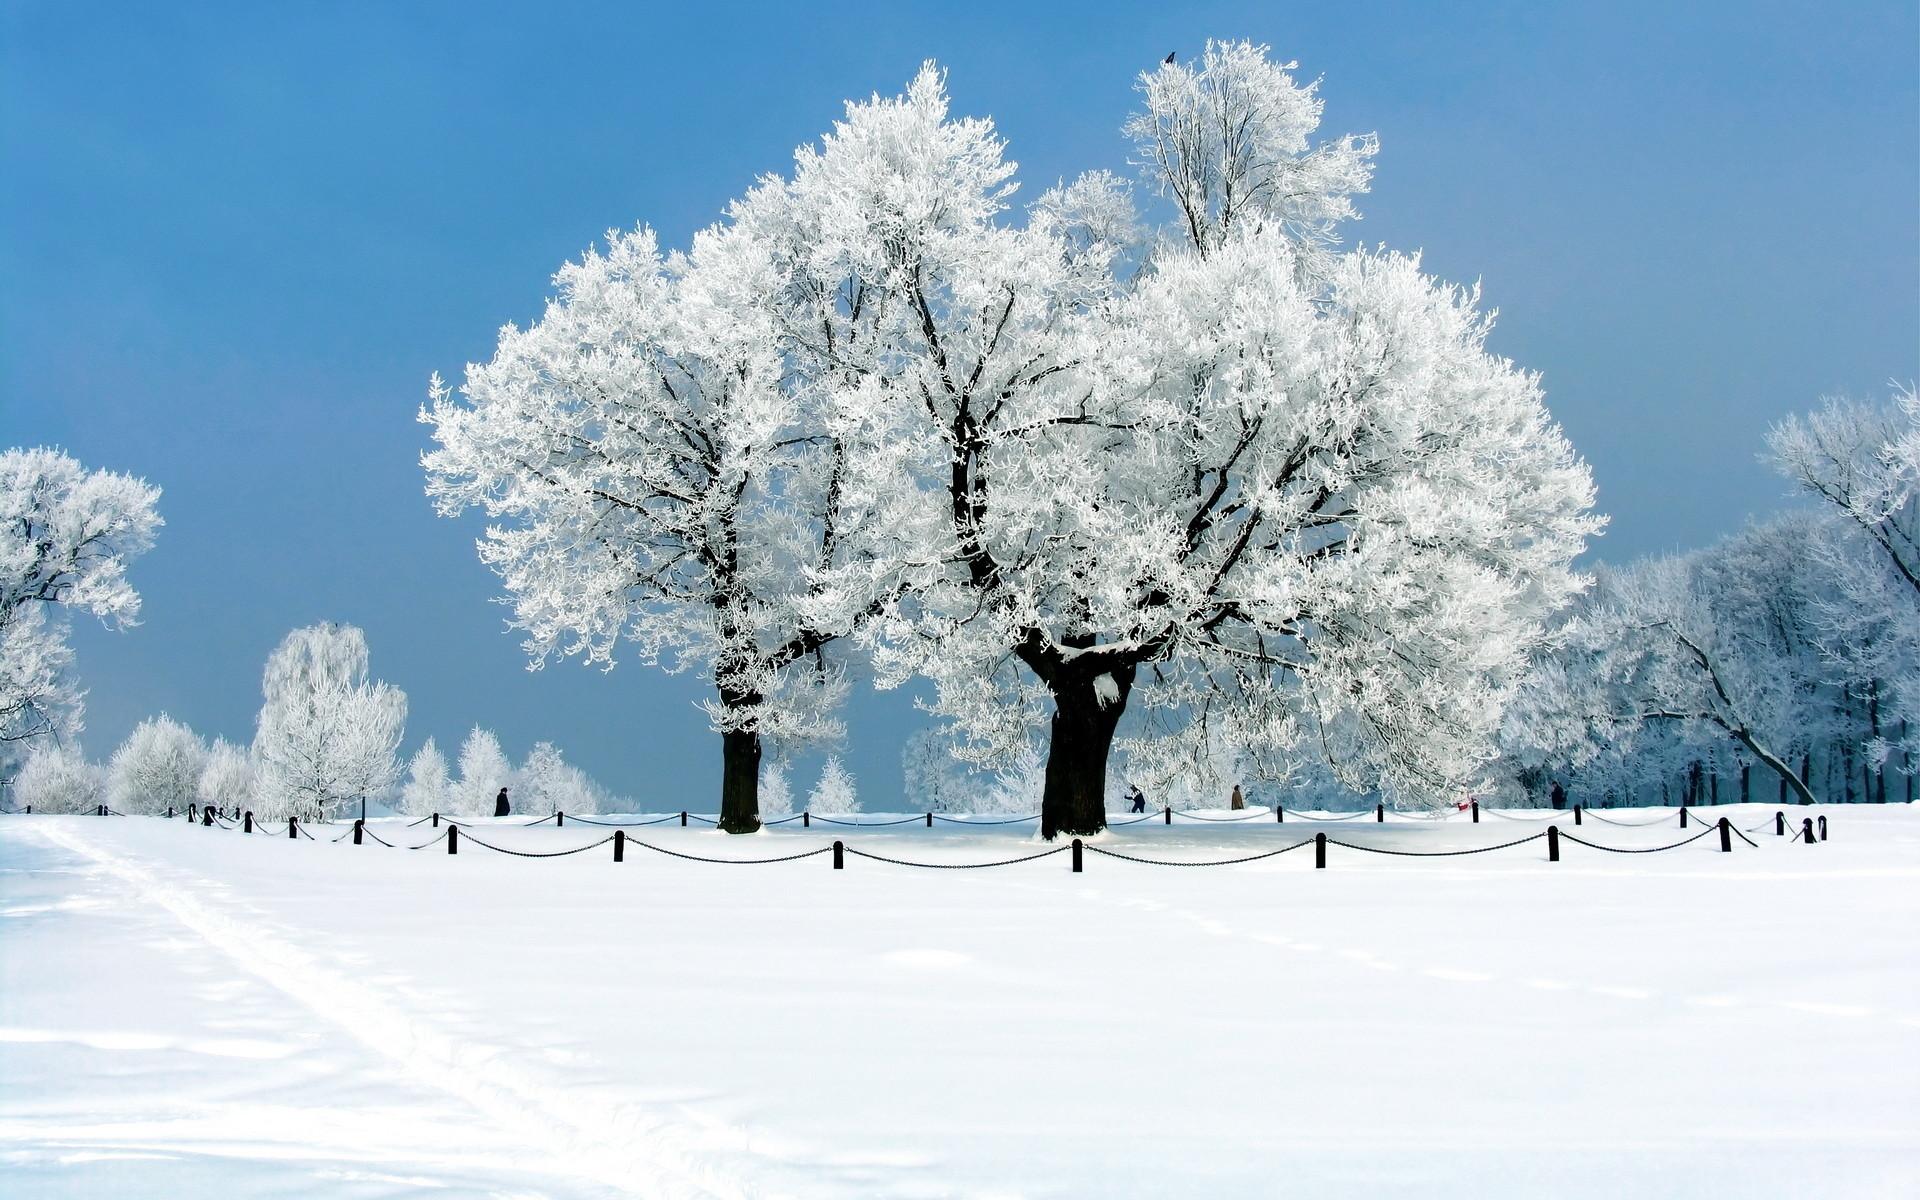 Snow Desktop Backgrounds | Winter Snow Desktop Wallpapers | Desktop .